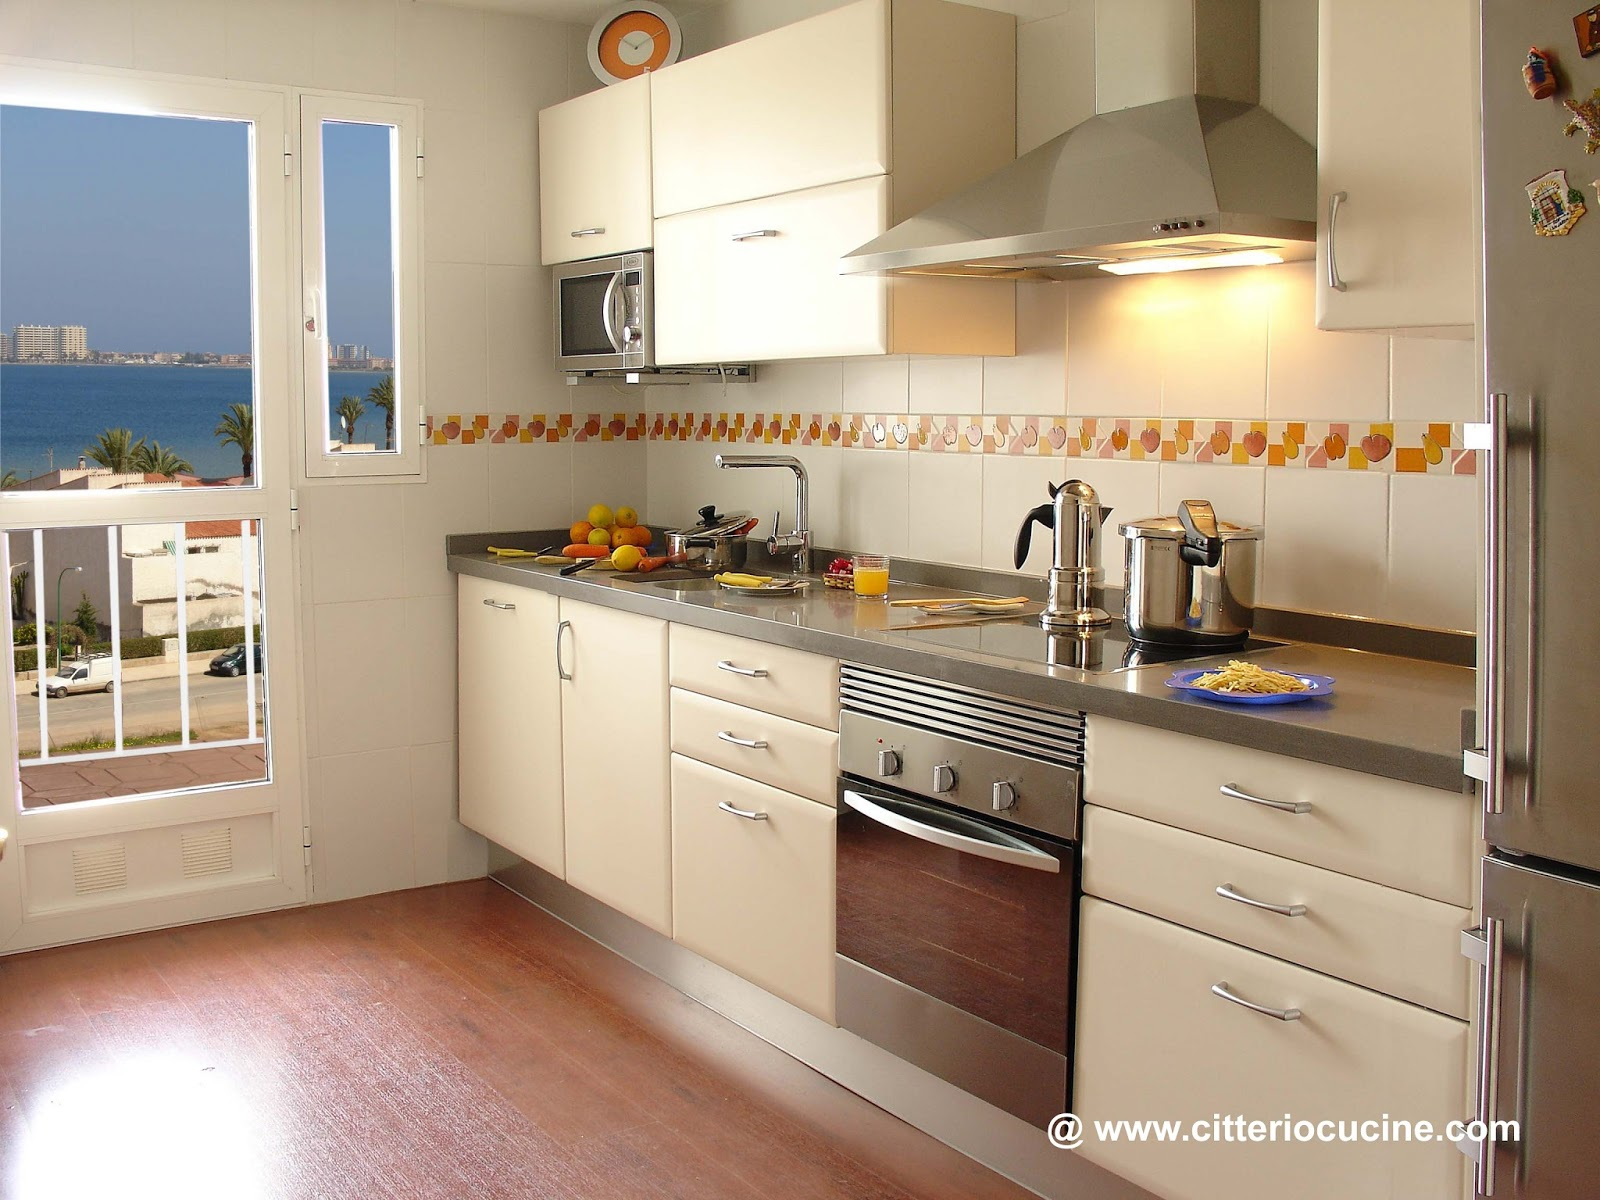 El blog de citterio cucine qu - Cocinas en linea ...